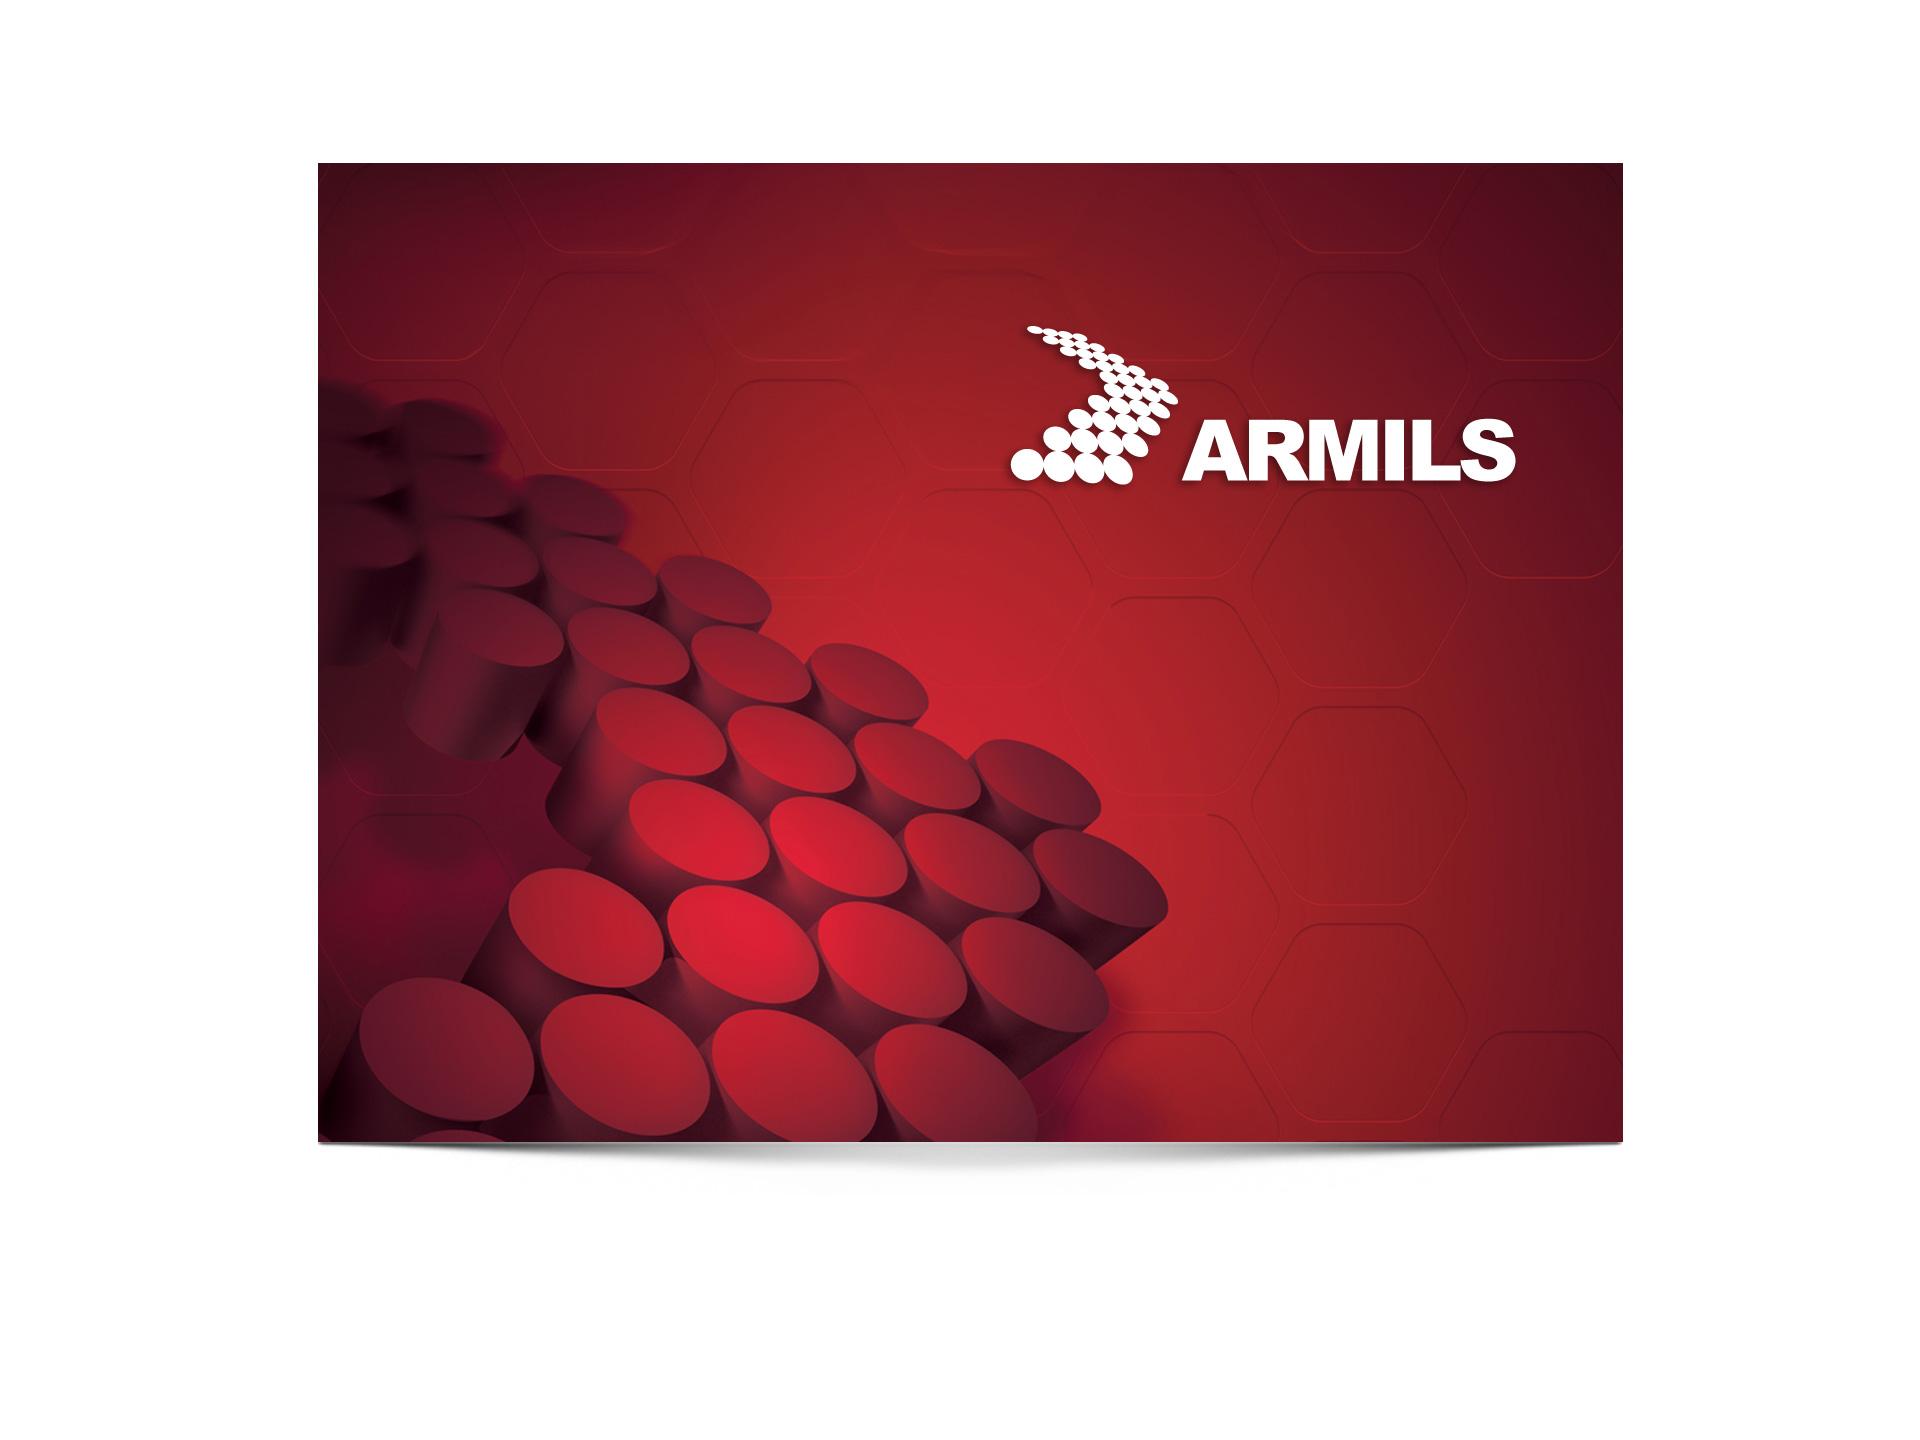 armils